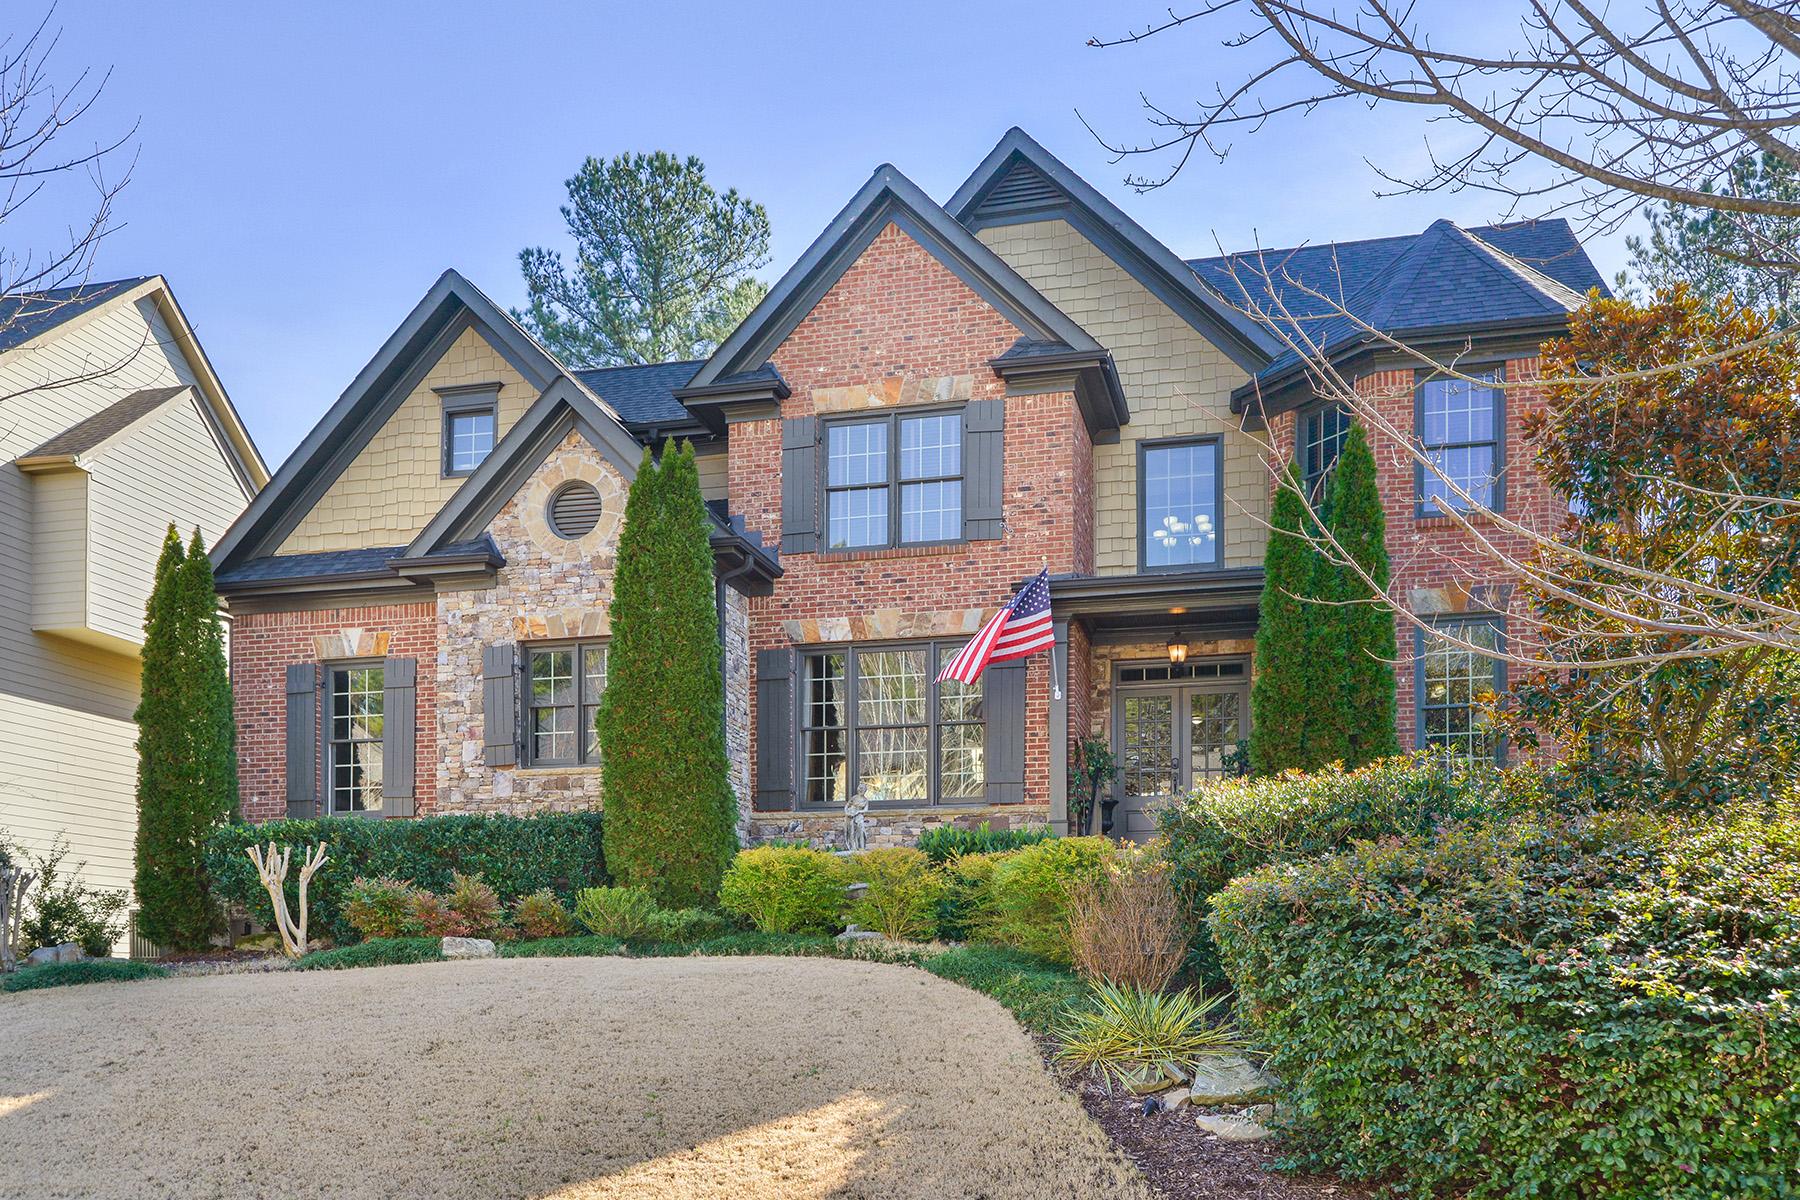 단독 가정 주택 용 매매 에 Stunning Brick And Stone Home In Popular Stone Haven 2884 Olivine Drive Dacula, 조지아 30019 미국